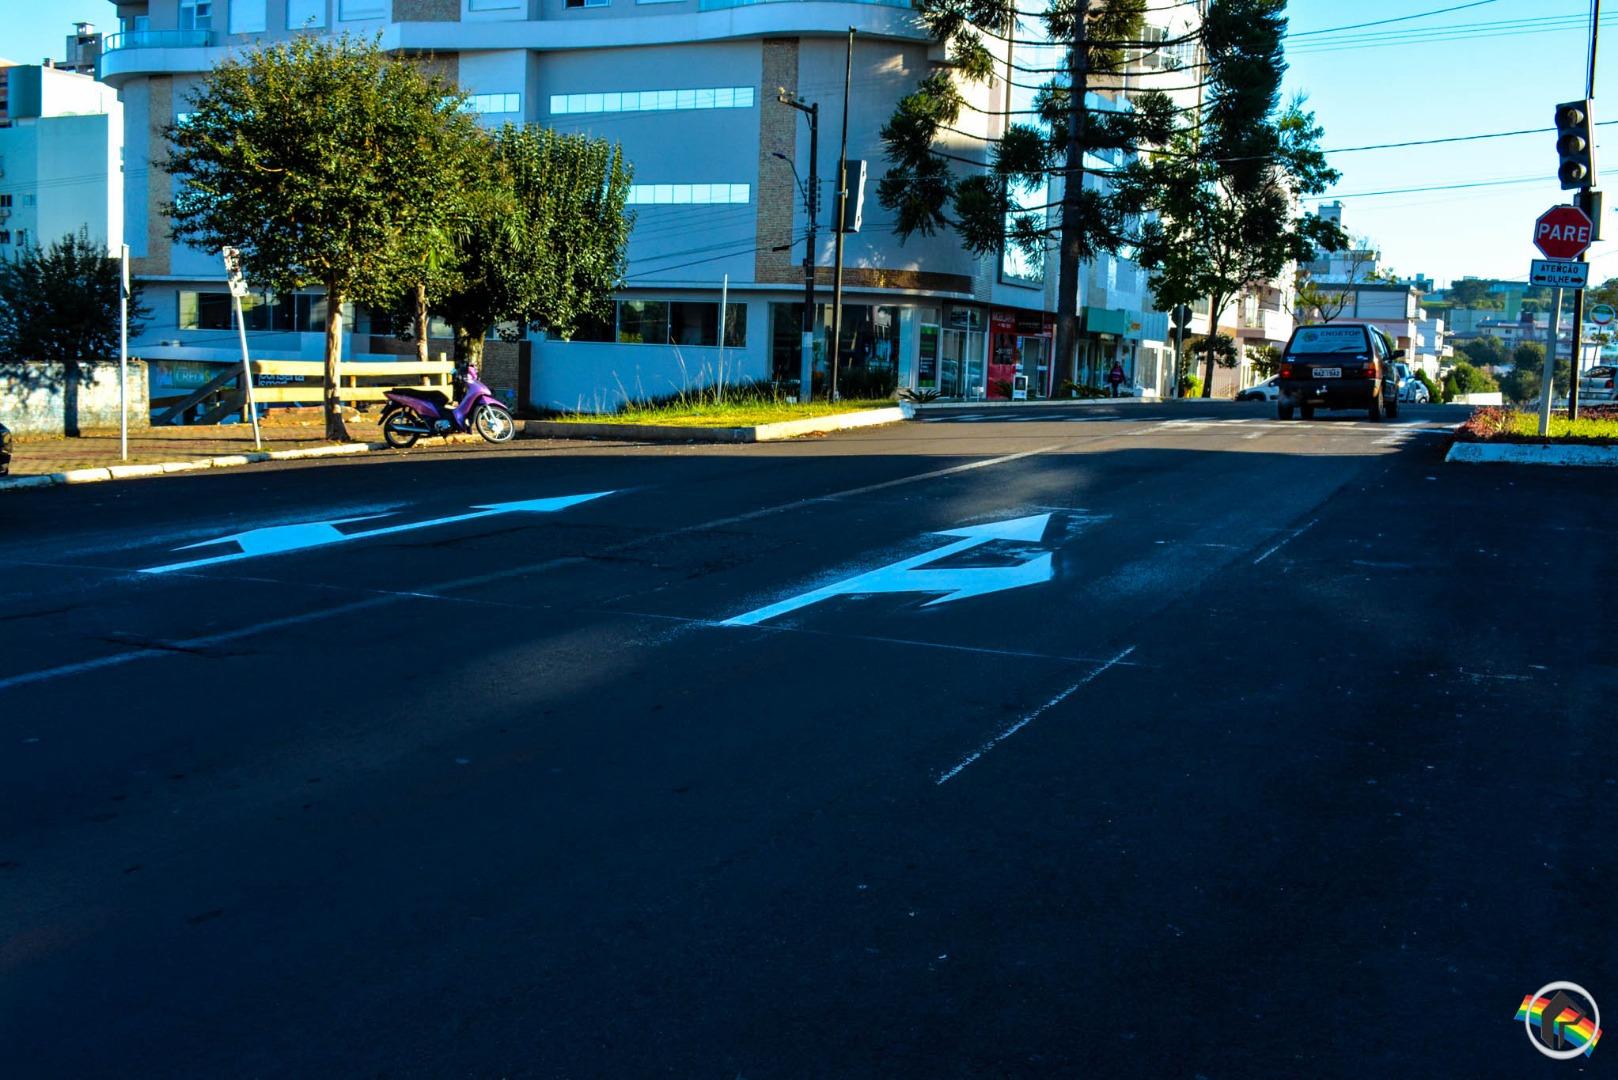 Estacionamento Rotativo e ruas de mão  única começam a vigorar dia 11 de junho